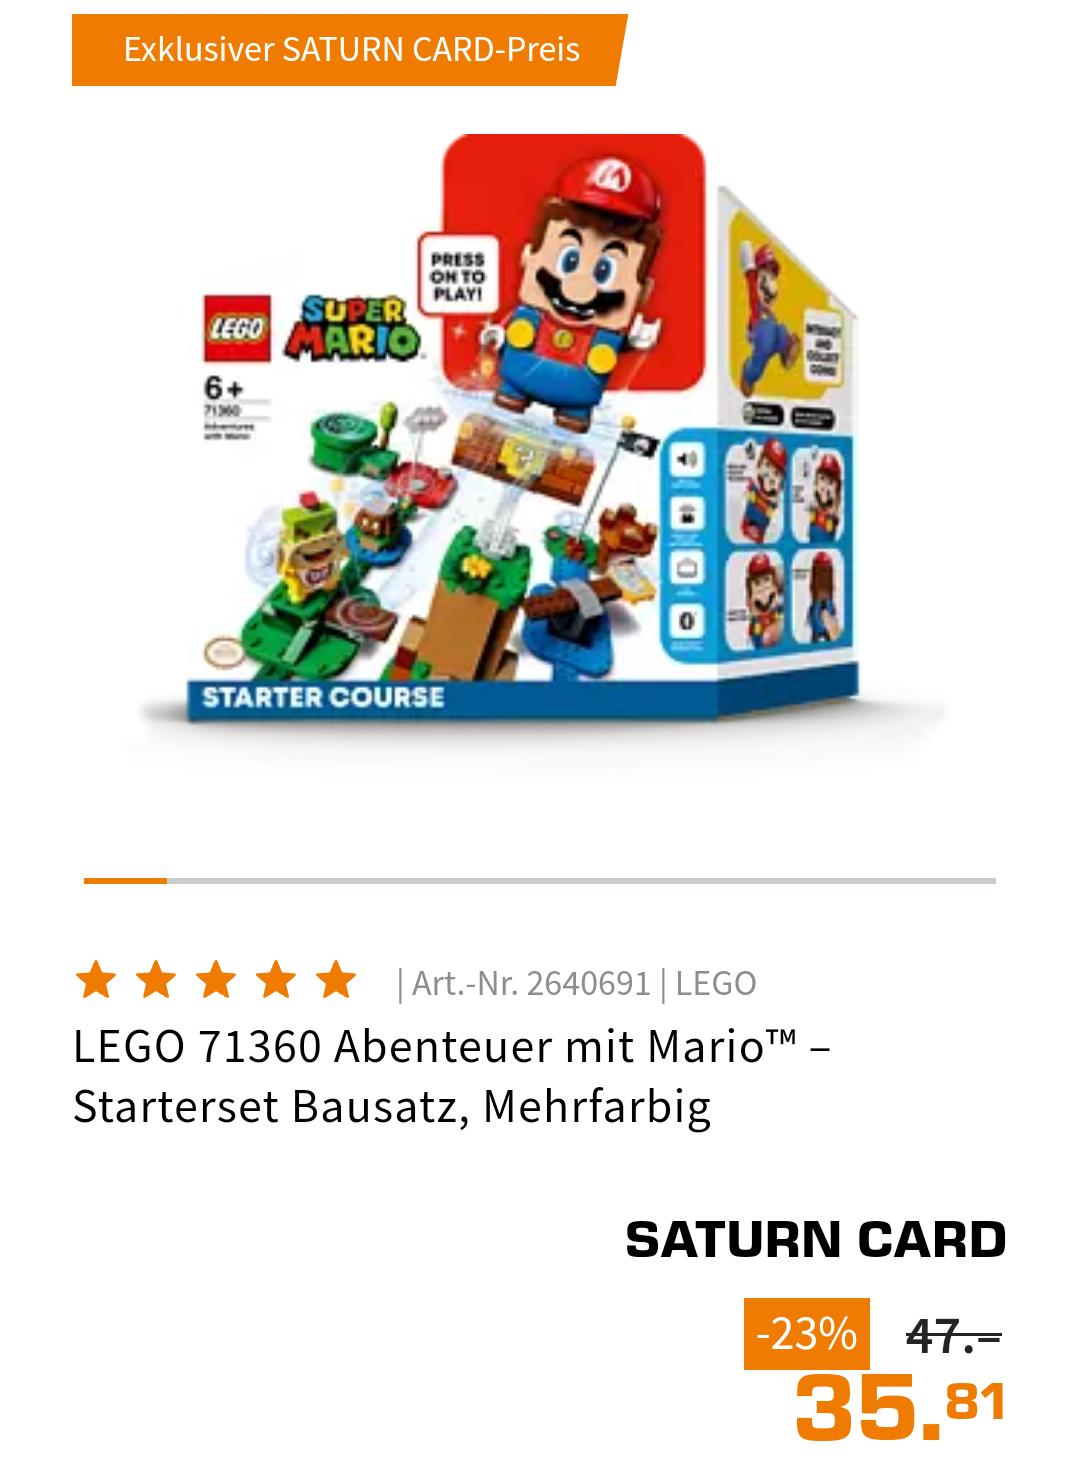 [Saturn Card Inhaber / Mediamarkt Clubmitglieder] Lego 71360 Abenteuer mit Mario (Filialabholung)